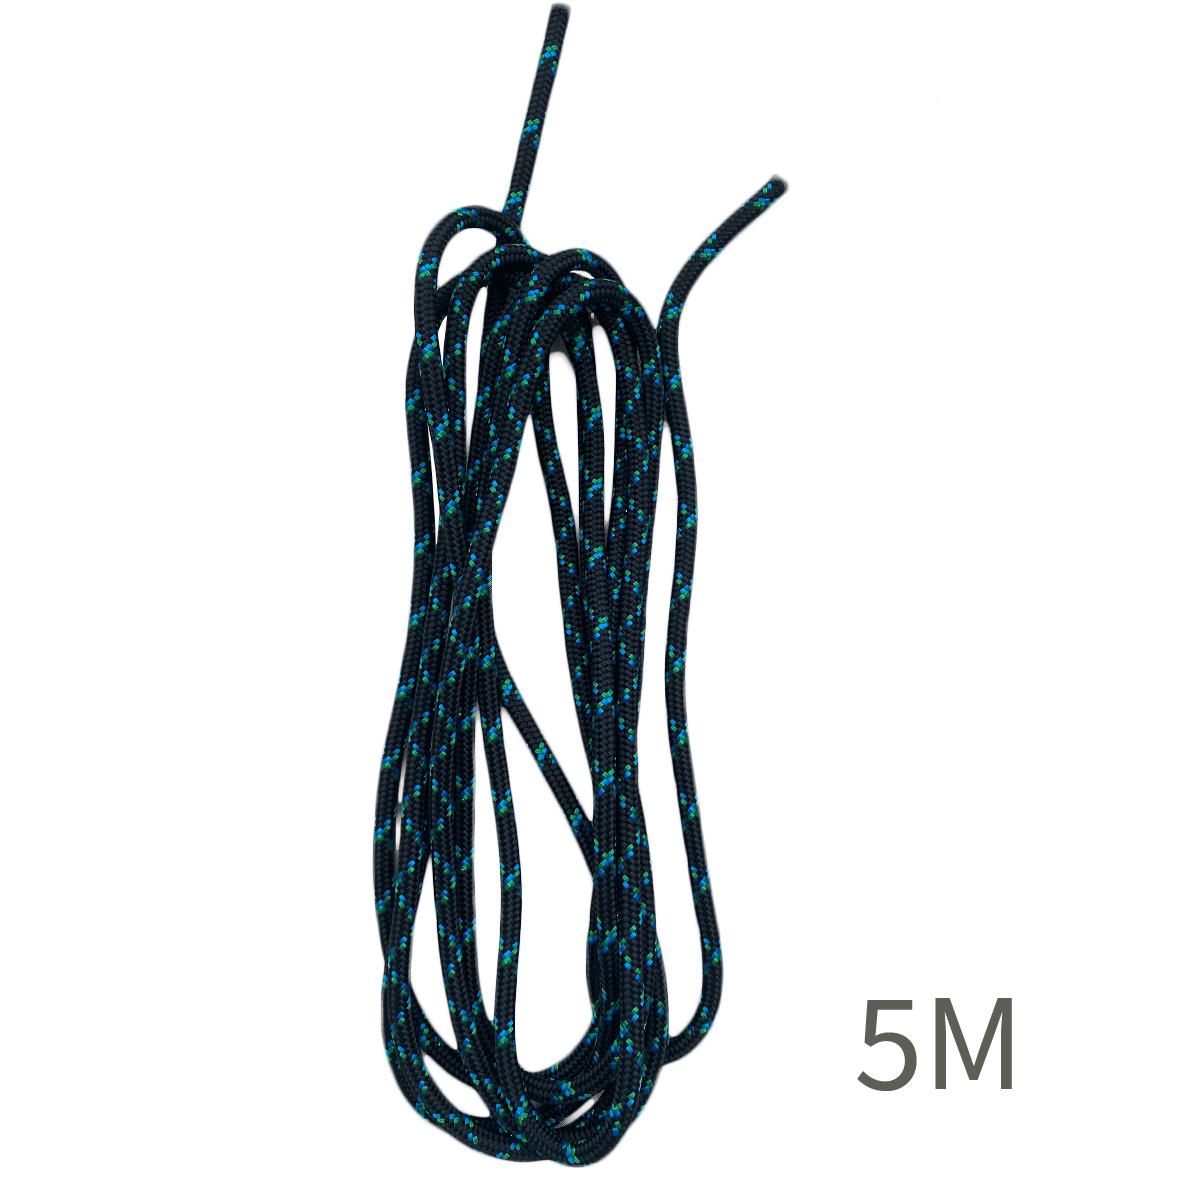 スラックライン バックアップロープ